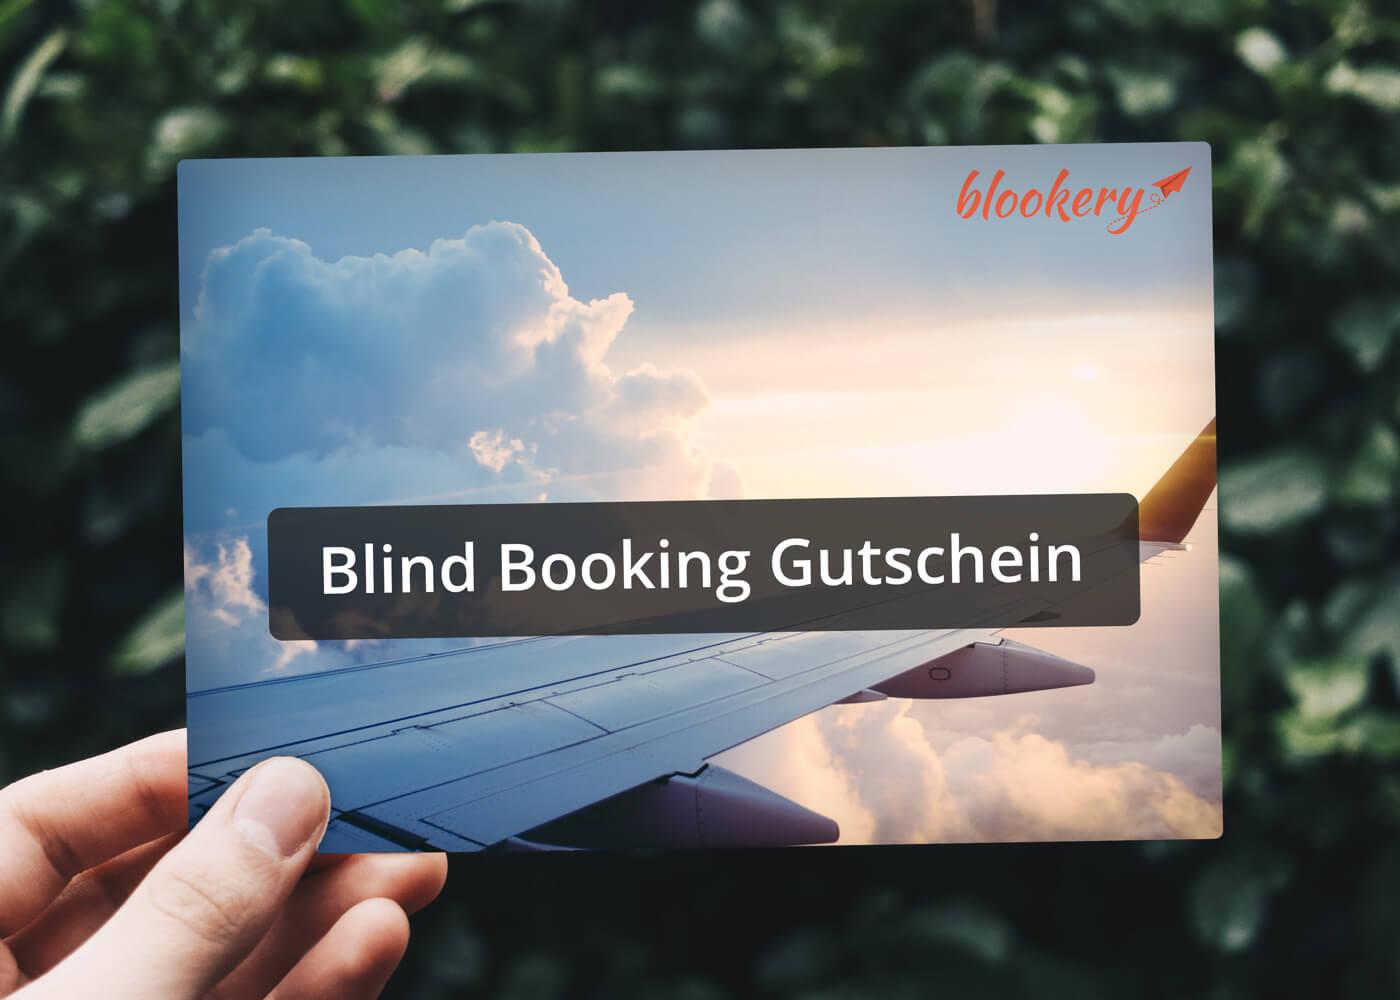 50 € Blind Booking Gutschein kaufen und zusätzlich einen 30 € Gutschein geschenkt bekommen.